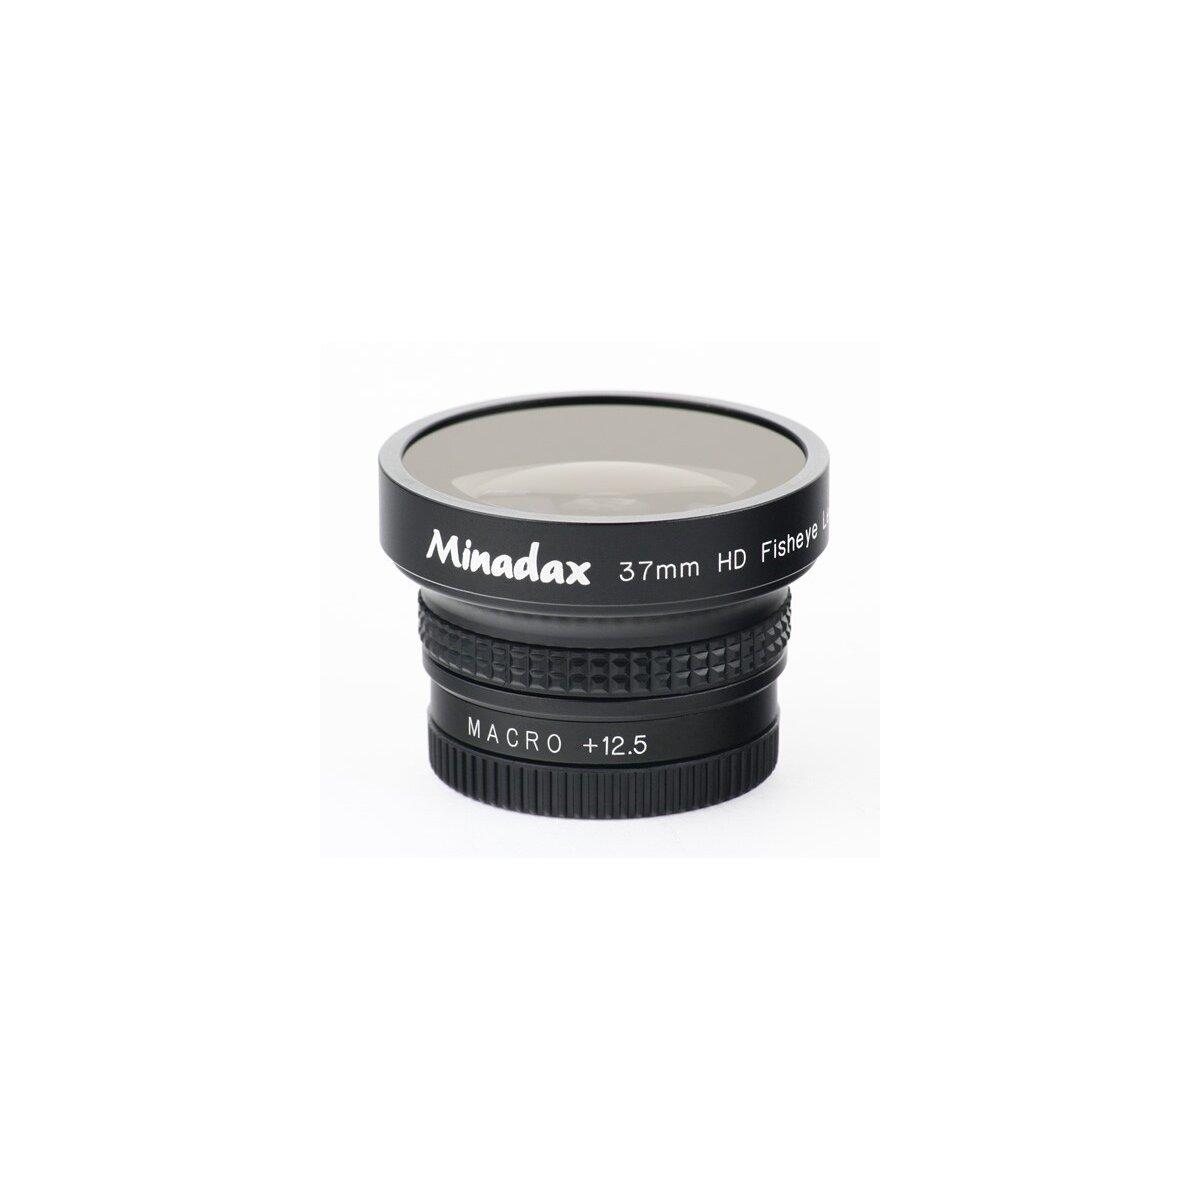 0.42x Minadax Fisheye Vorsatz fuer Hitachi DZ-HS501, DZ-GX3100, DZ-GX5100